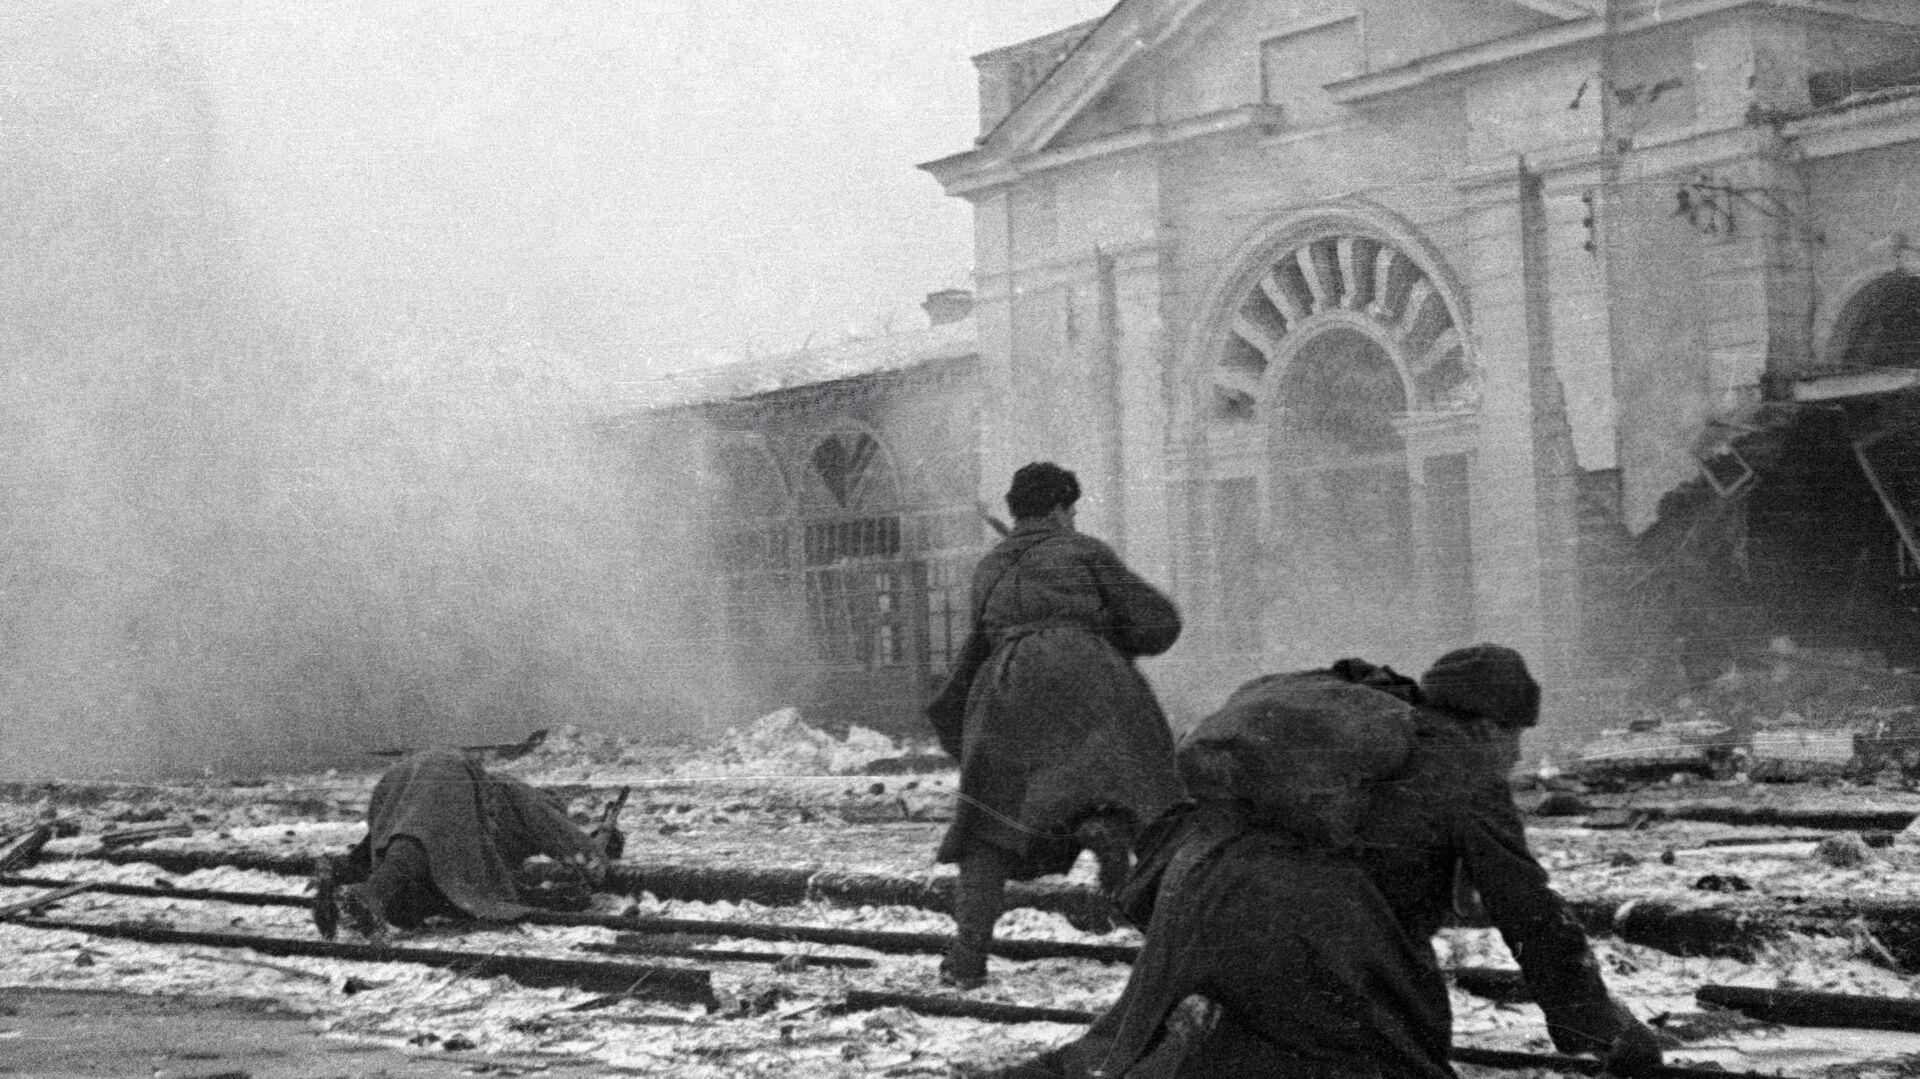 Sovjetski vojnici se bore protiv nemačkih okupatora na stanici grada Vorošilovska (današnji Stavropolj), Drugi svetski rat. - Sputnik Srbija, 1920, 06.09.2021